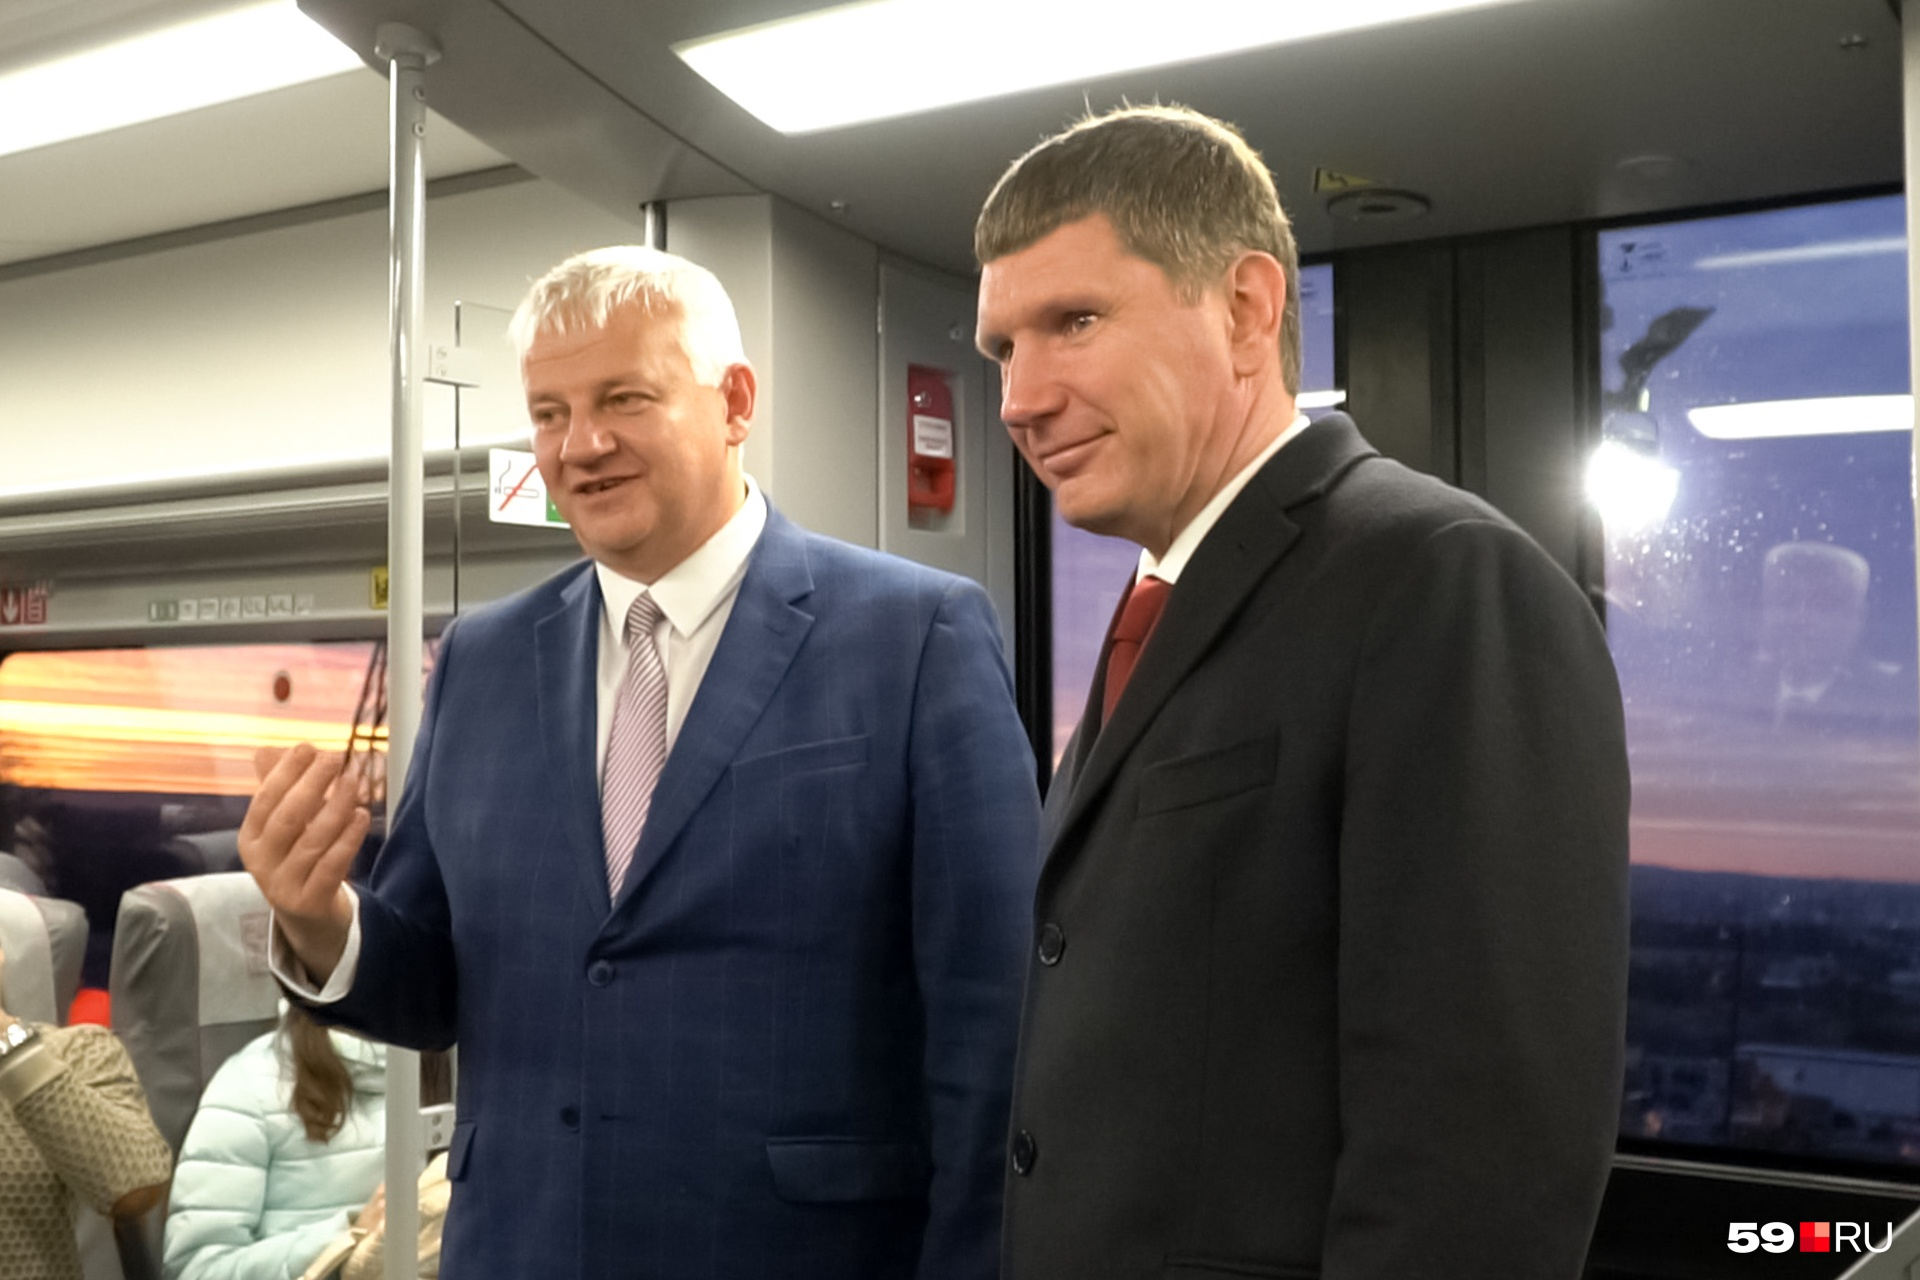 Максим Решетников зашёл в вагон на технической остановке